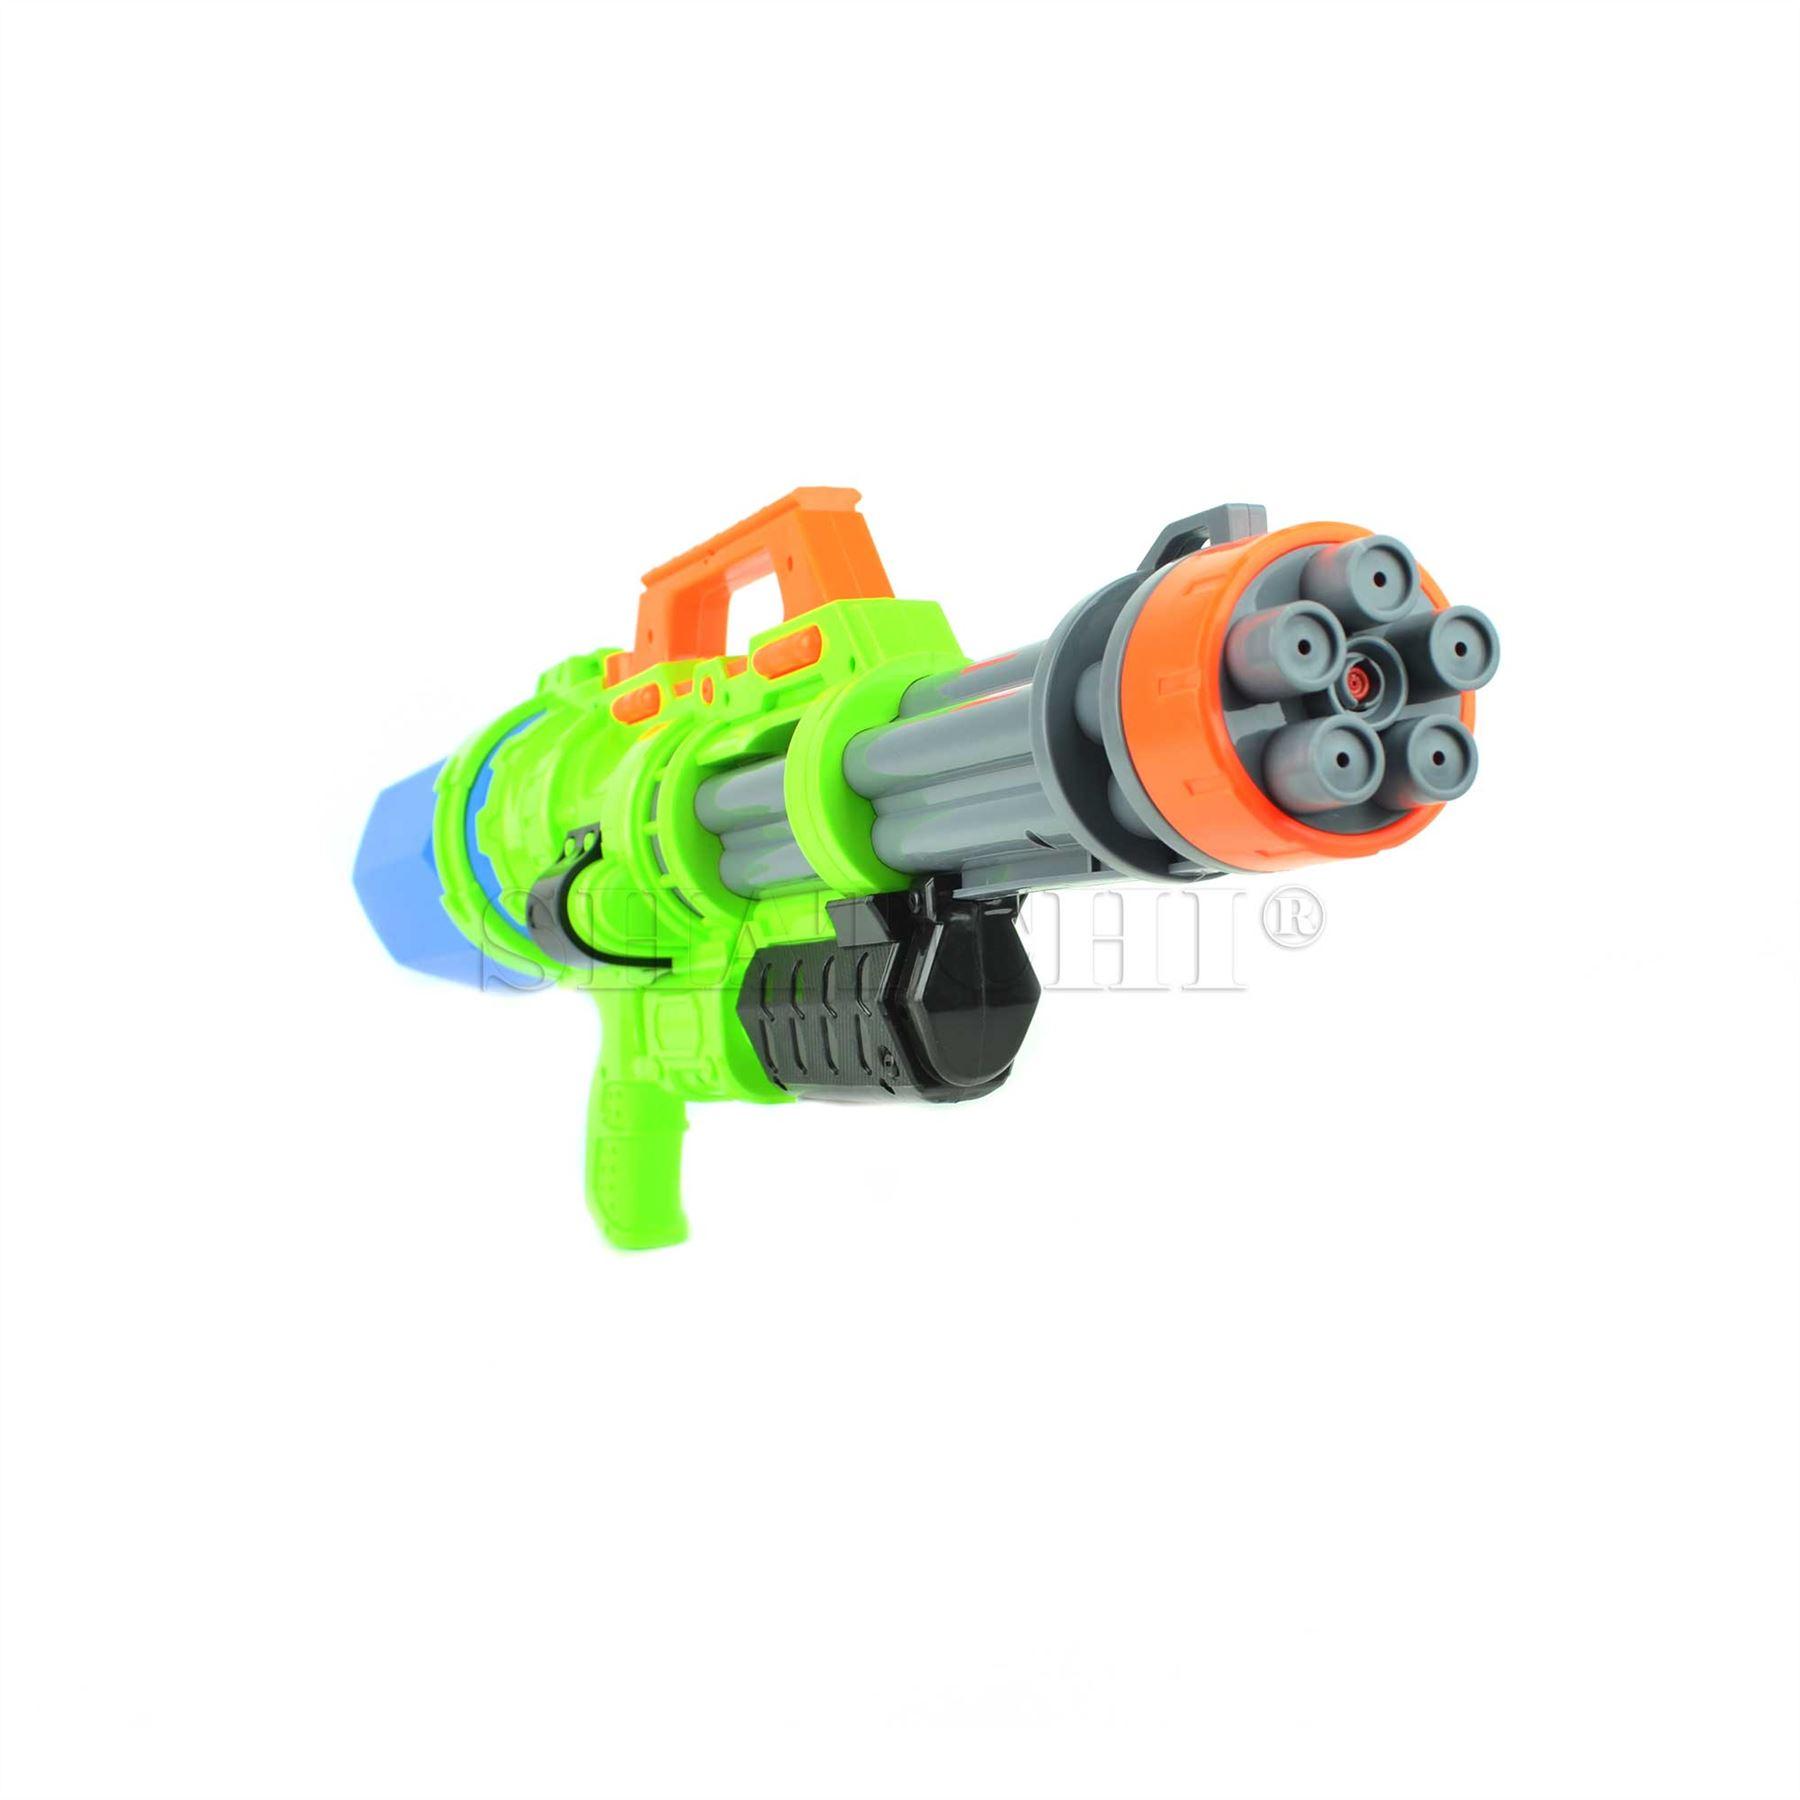 miniature 11 - Large Water Gun Pump Action Super Soaker Sprayer Backpack Outdoor Beach Garden